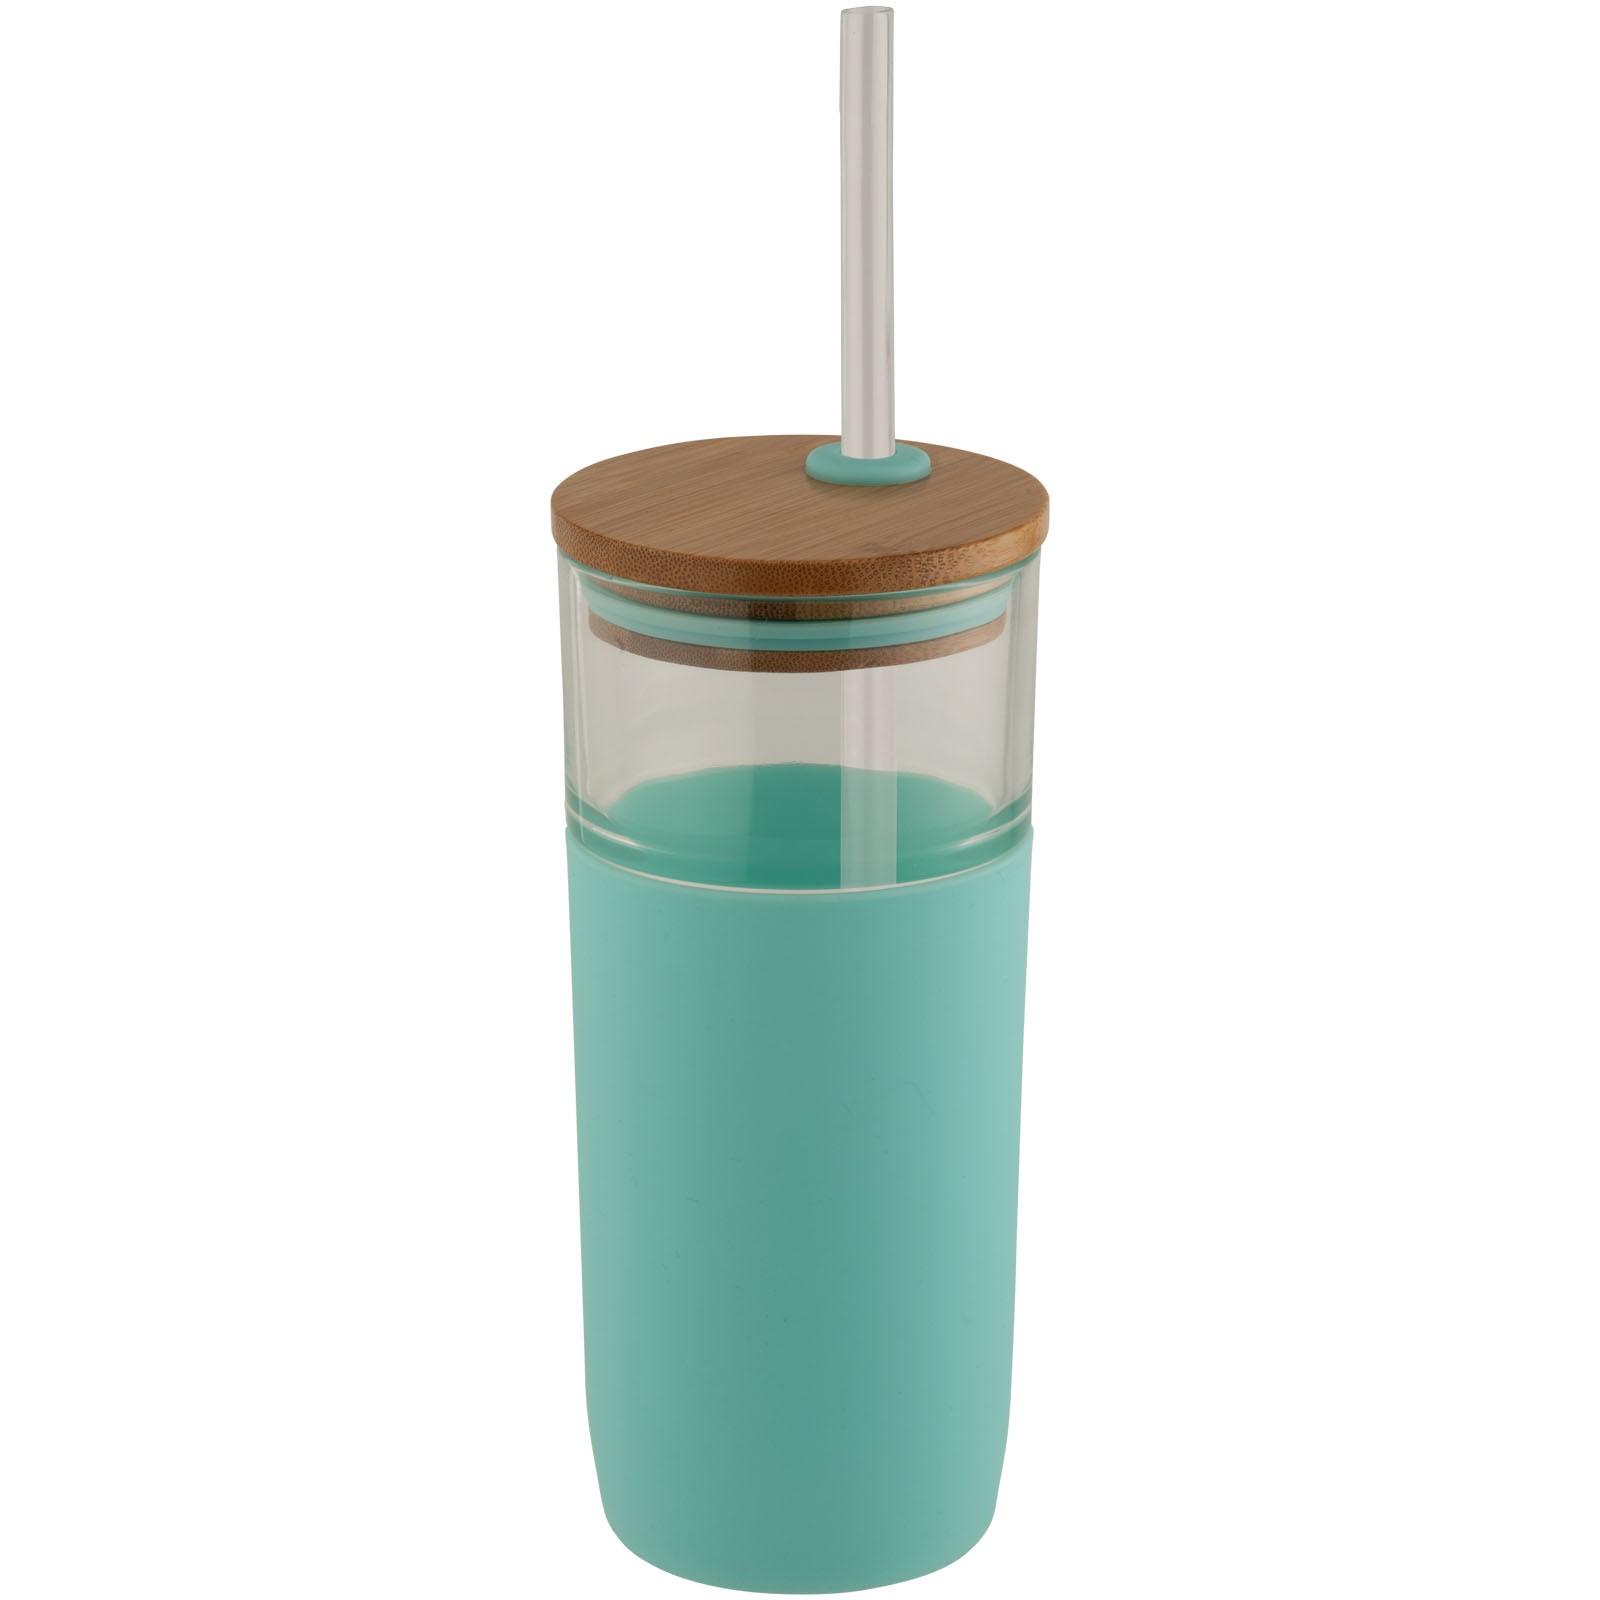 """Vaso de vidrio de 600 ml con tapa de bambú """"Arlo"""" - Verde nenta"""